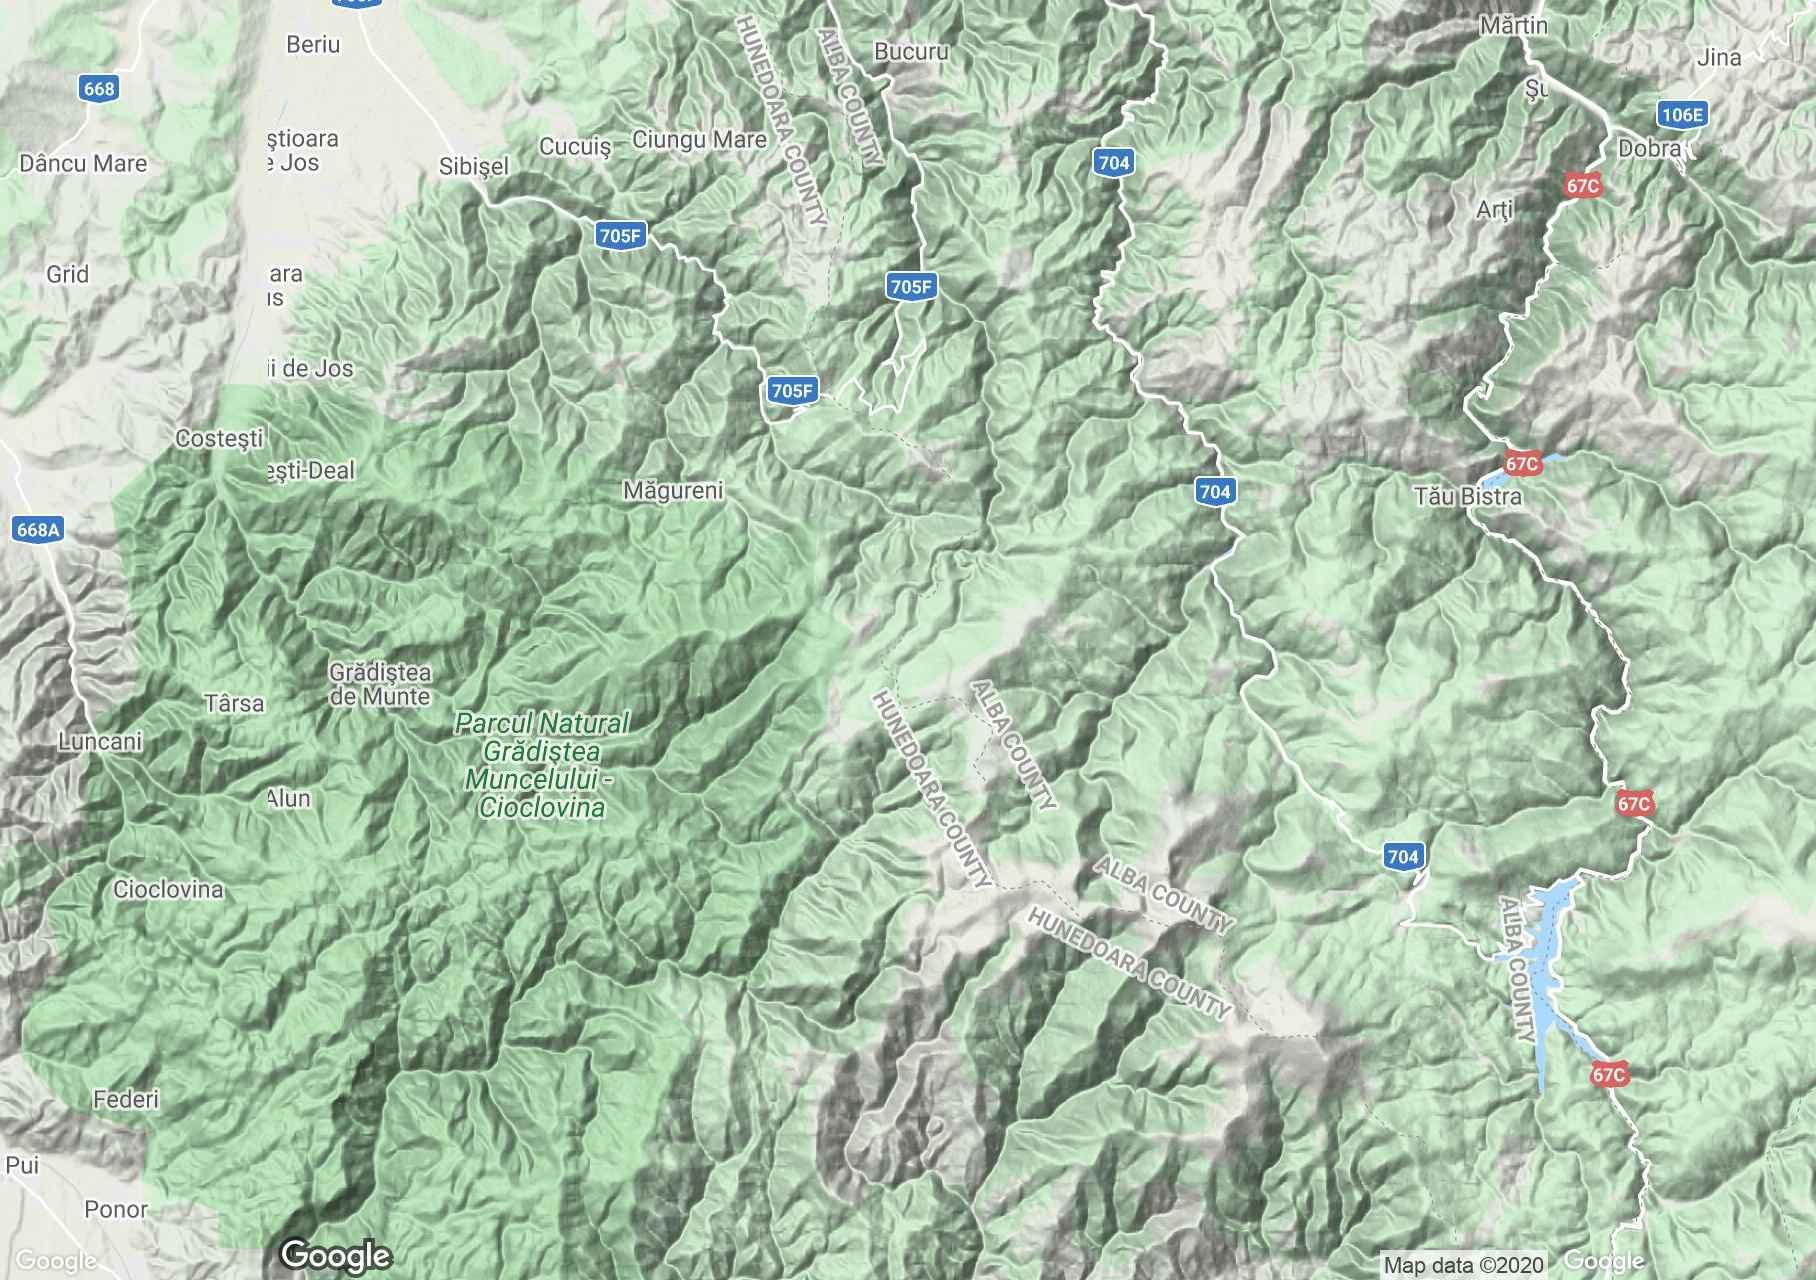 Munţii Şureanu, Harta turistică interactivă